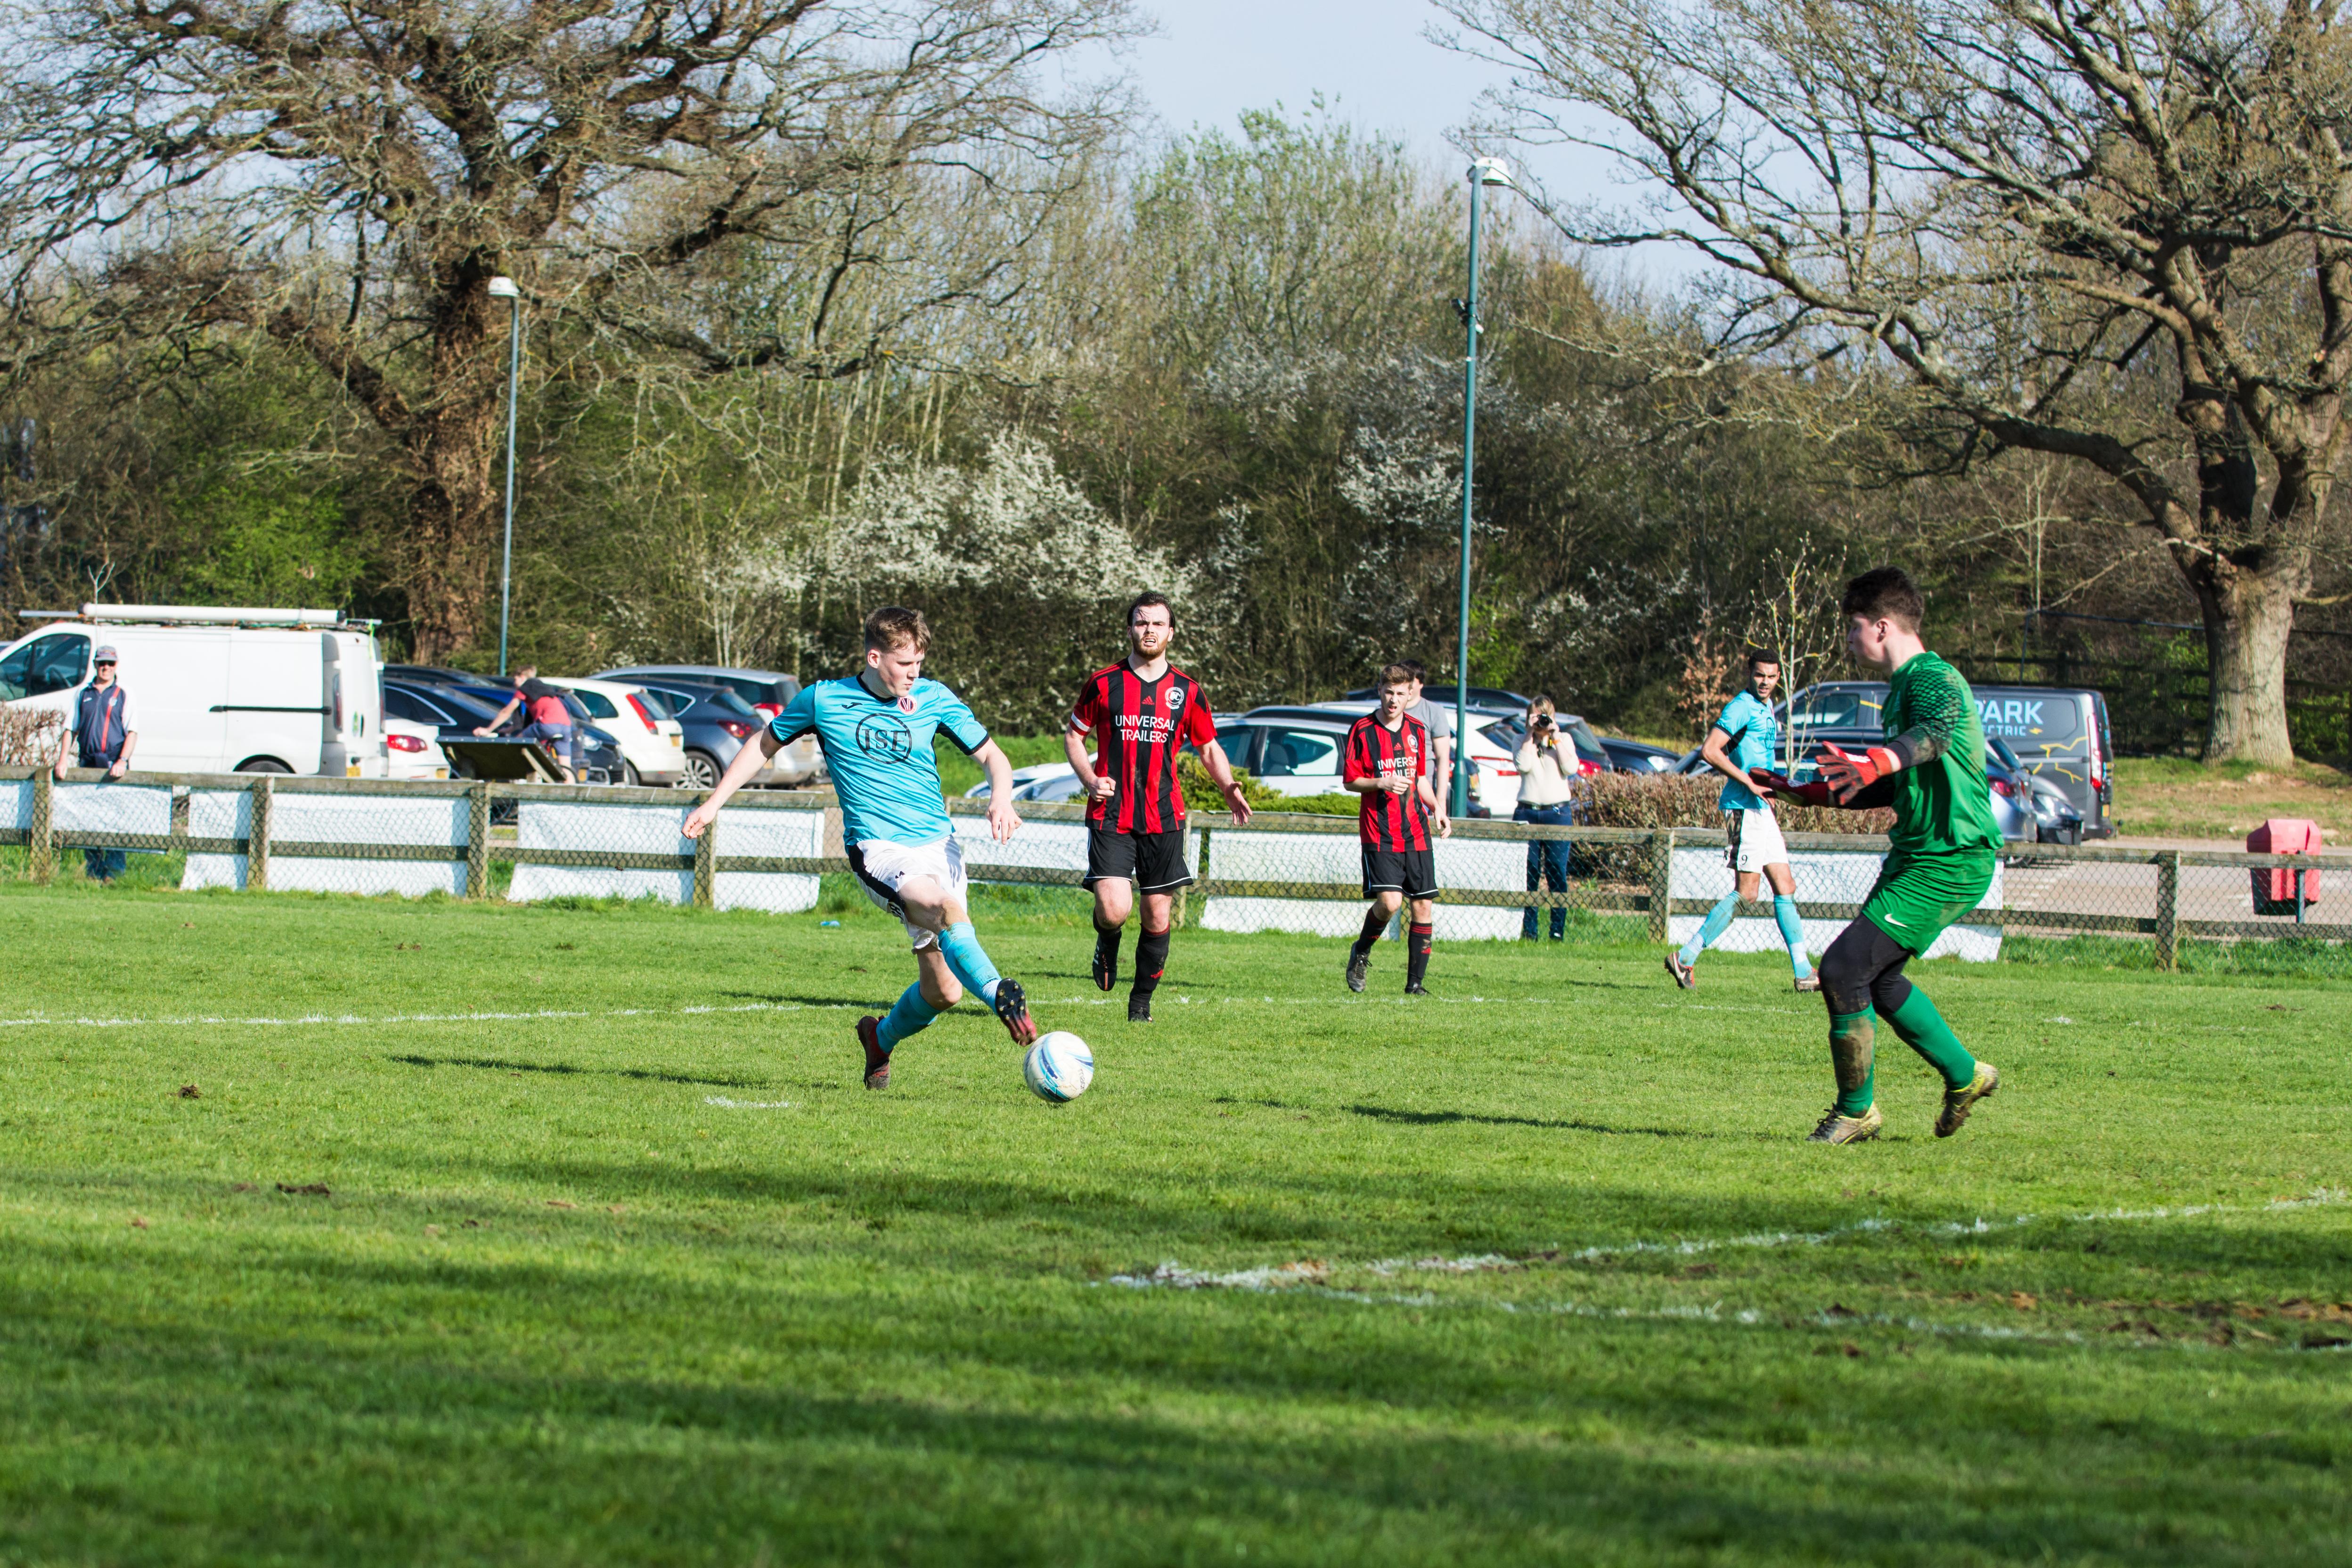 DAVID_JEFFERY Billingshurst FC vs AFC Varndeanians 14.04.18 135